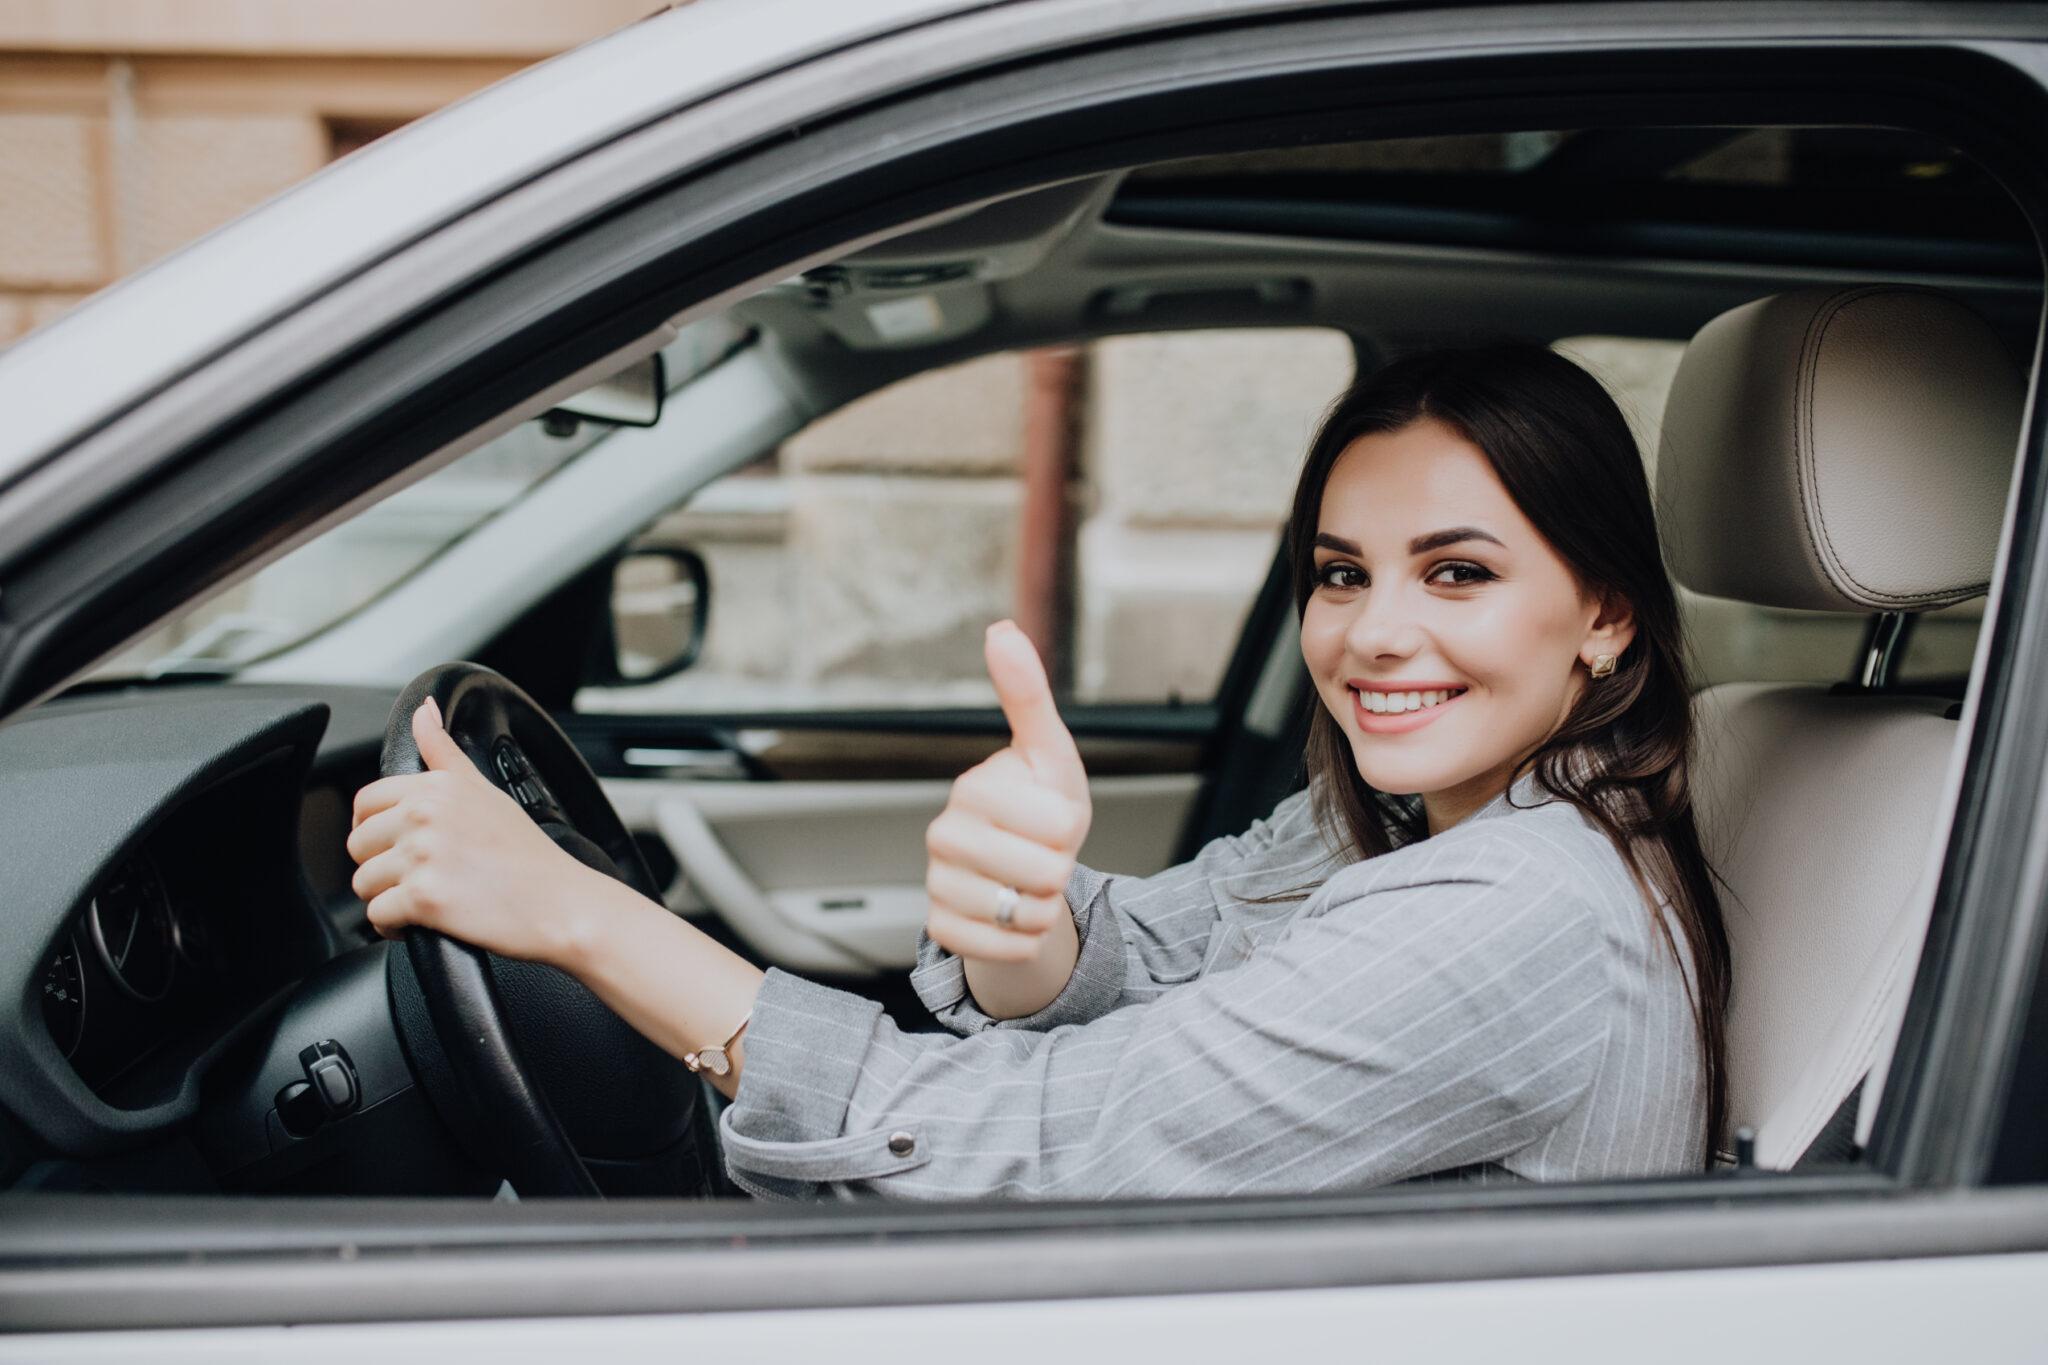 Seguro de carro digital Latina conduciendo feliz su auto